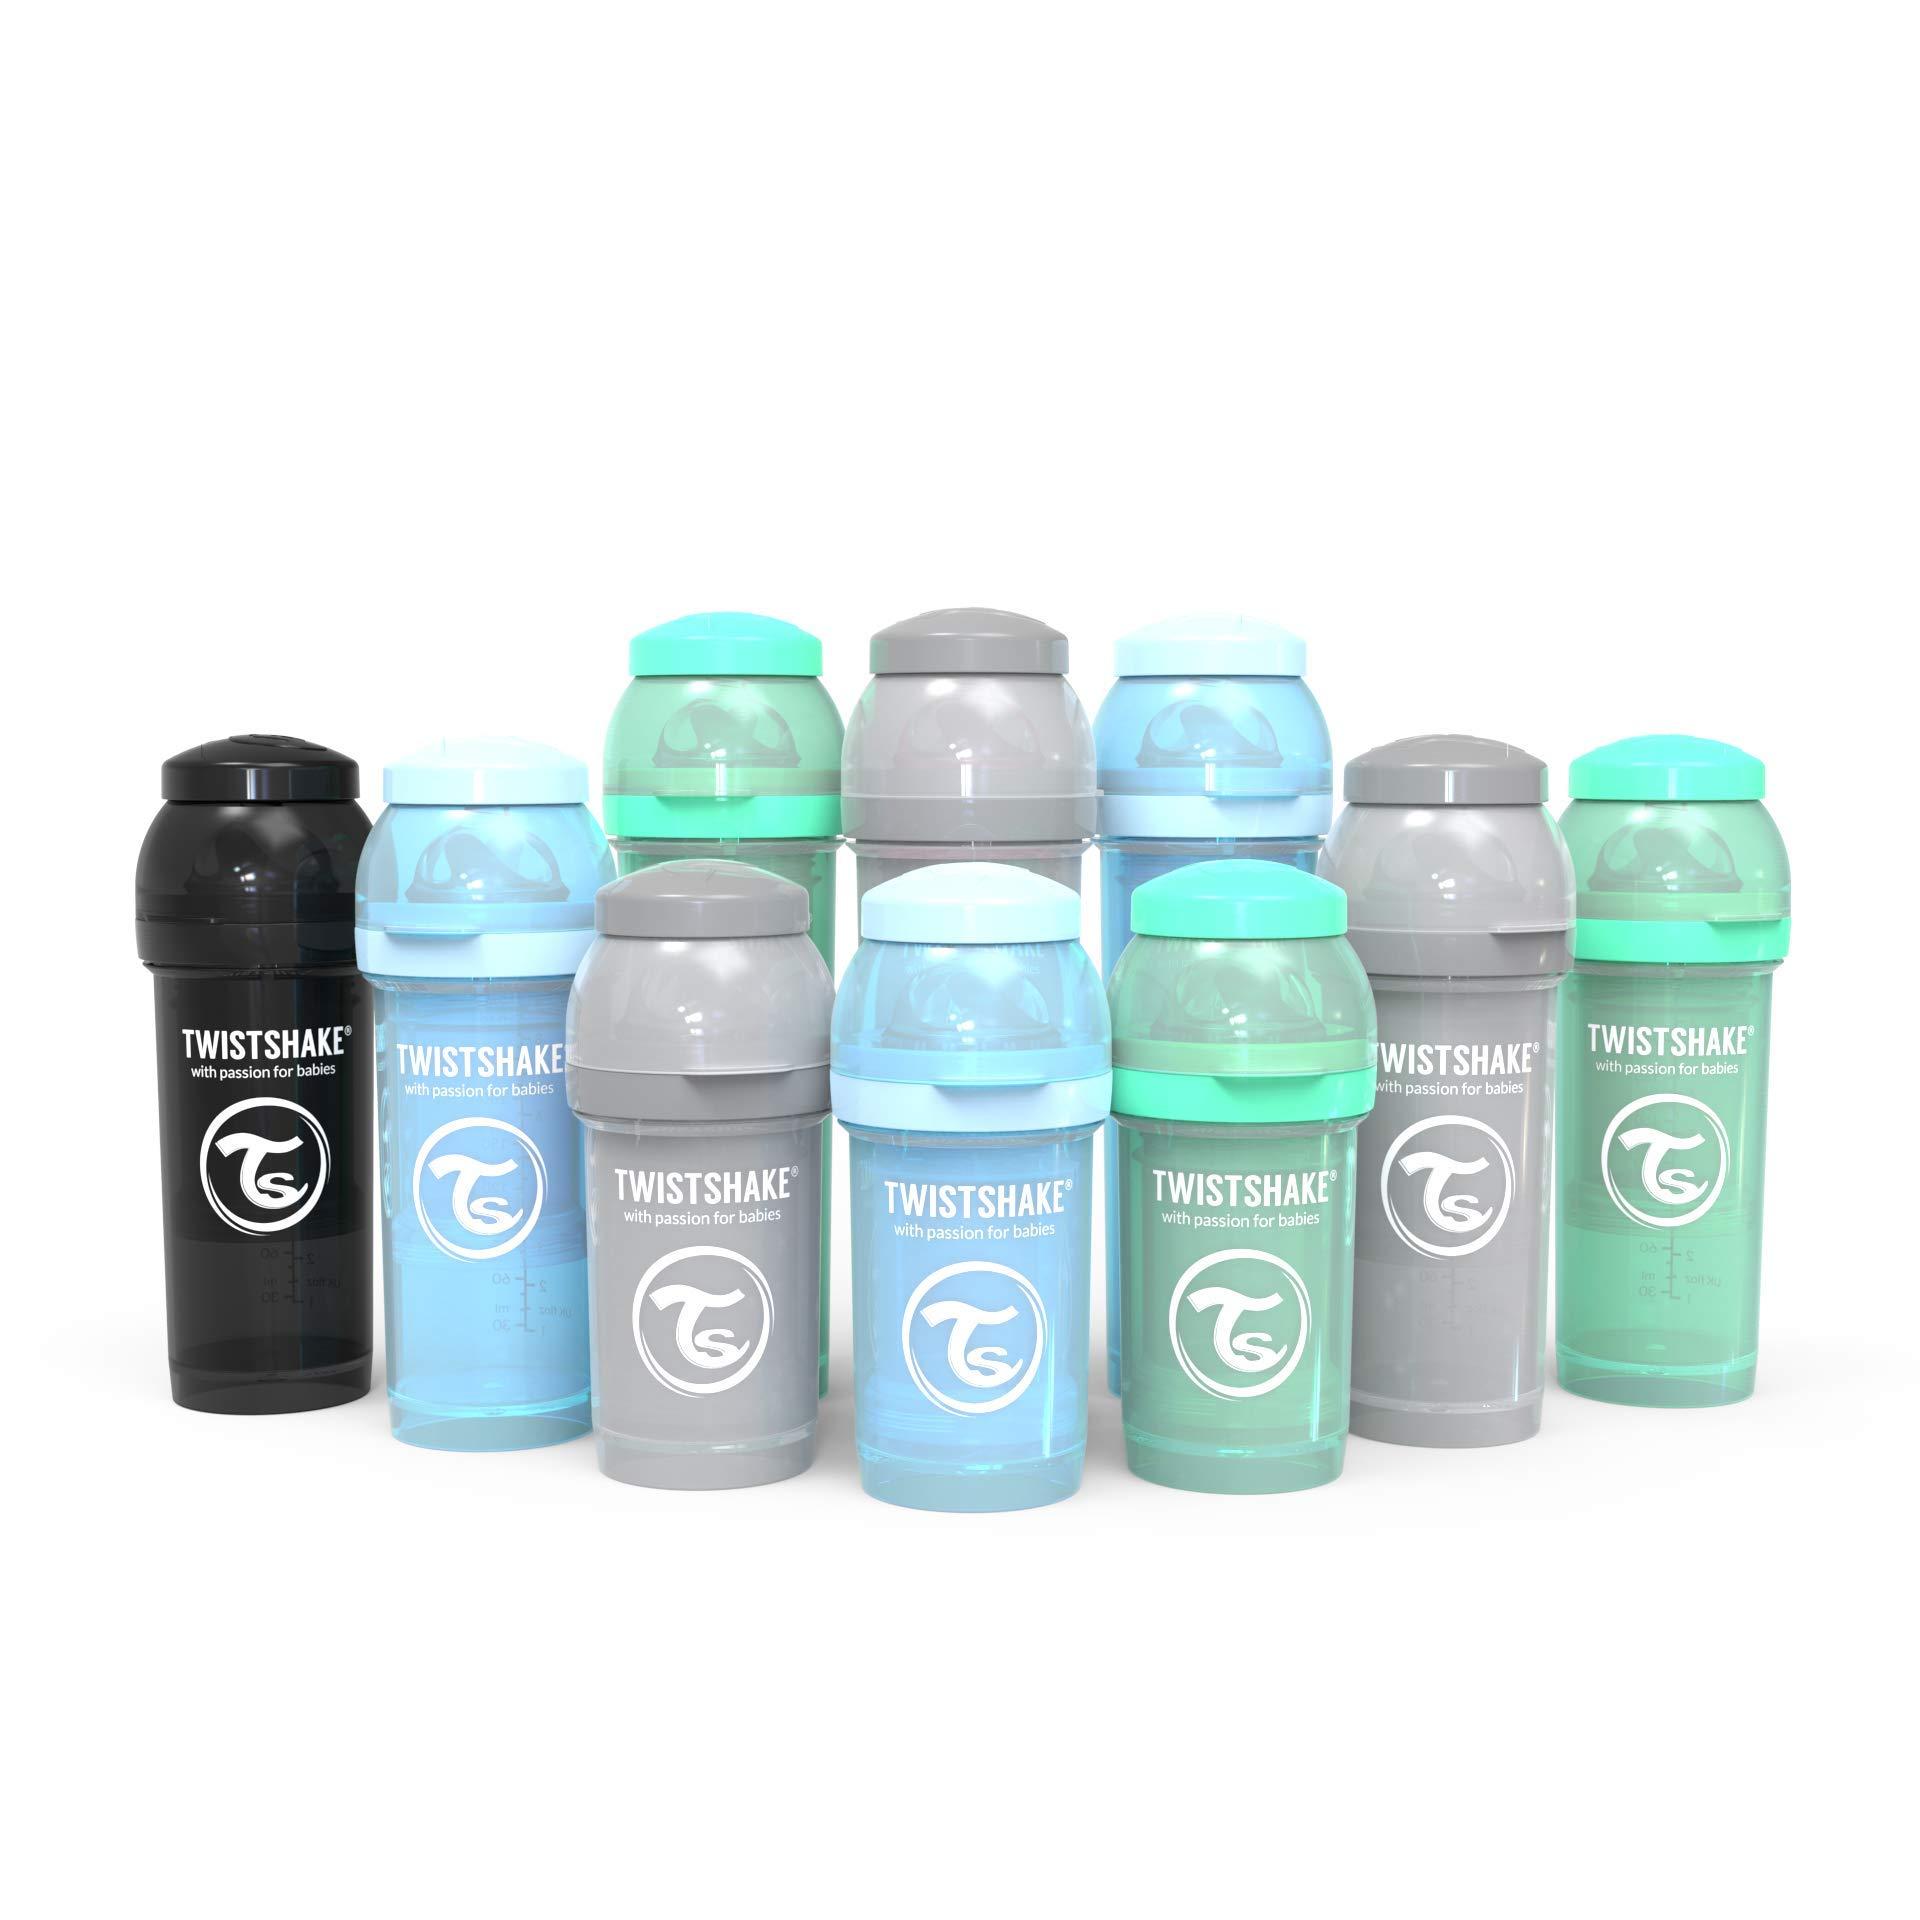 Twistshake Baby Bottle Bundle for Boys with (3) Anti-Colic 6oz, (4) Anti-Colic 8oz, (3) Anti-Colic 11oz